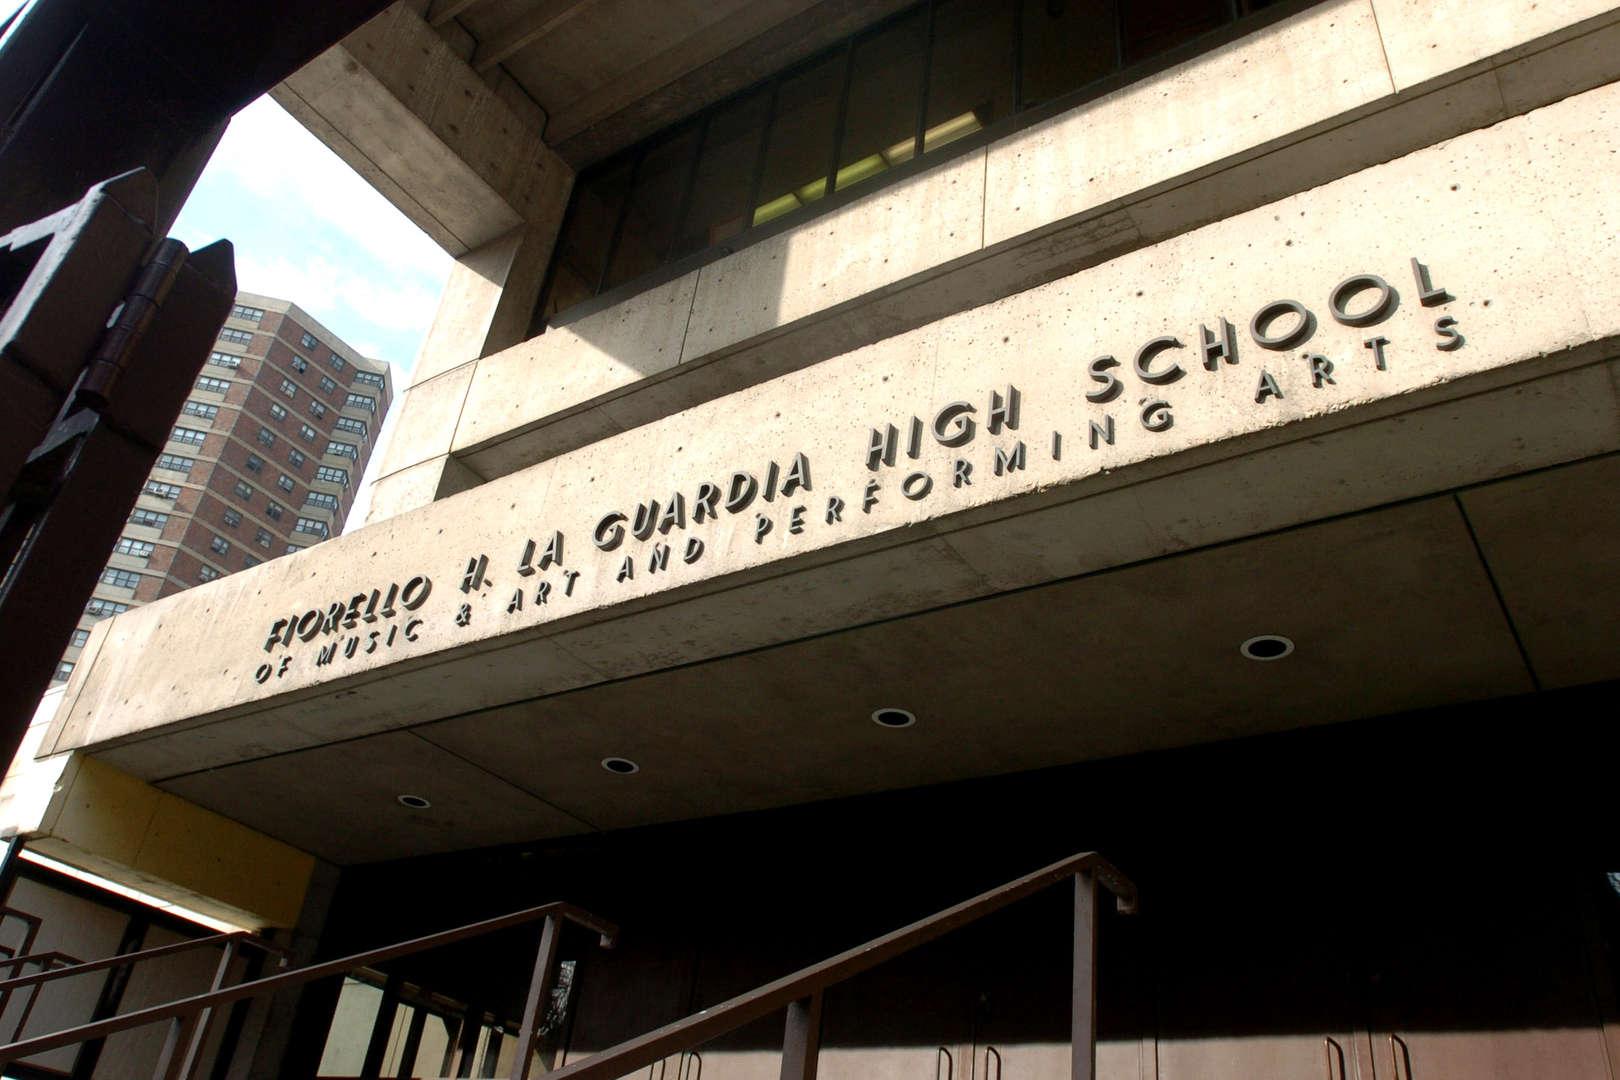 Facade of school